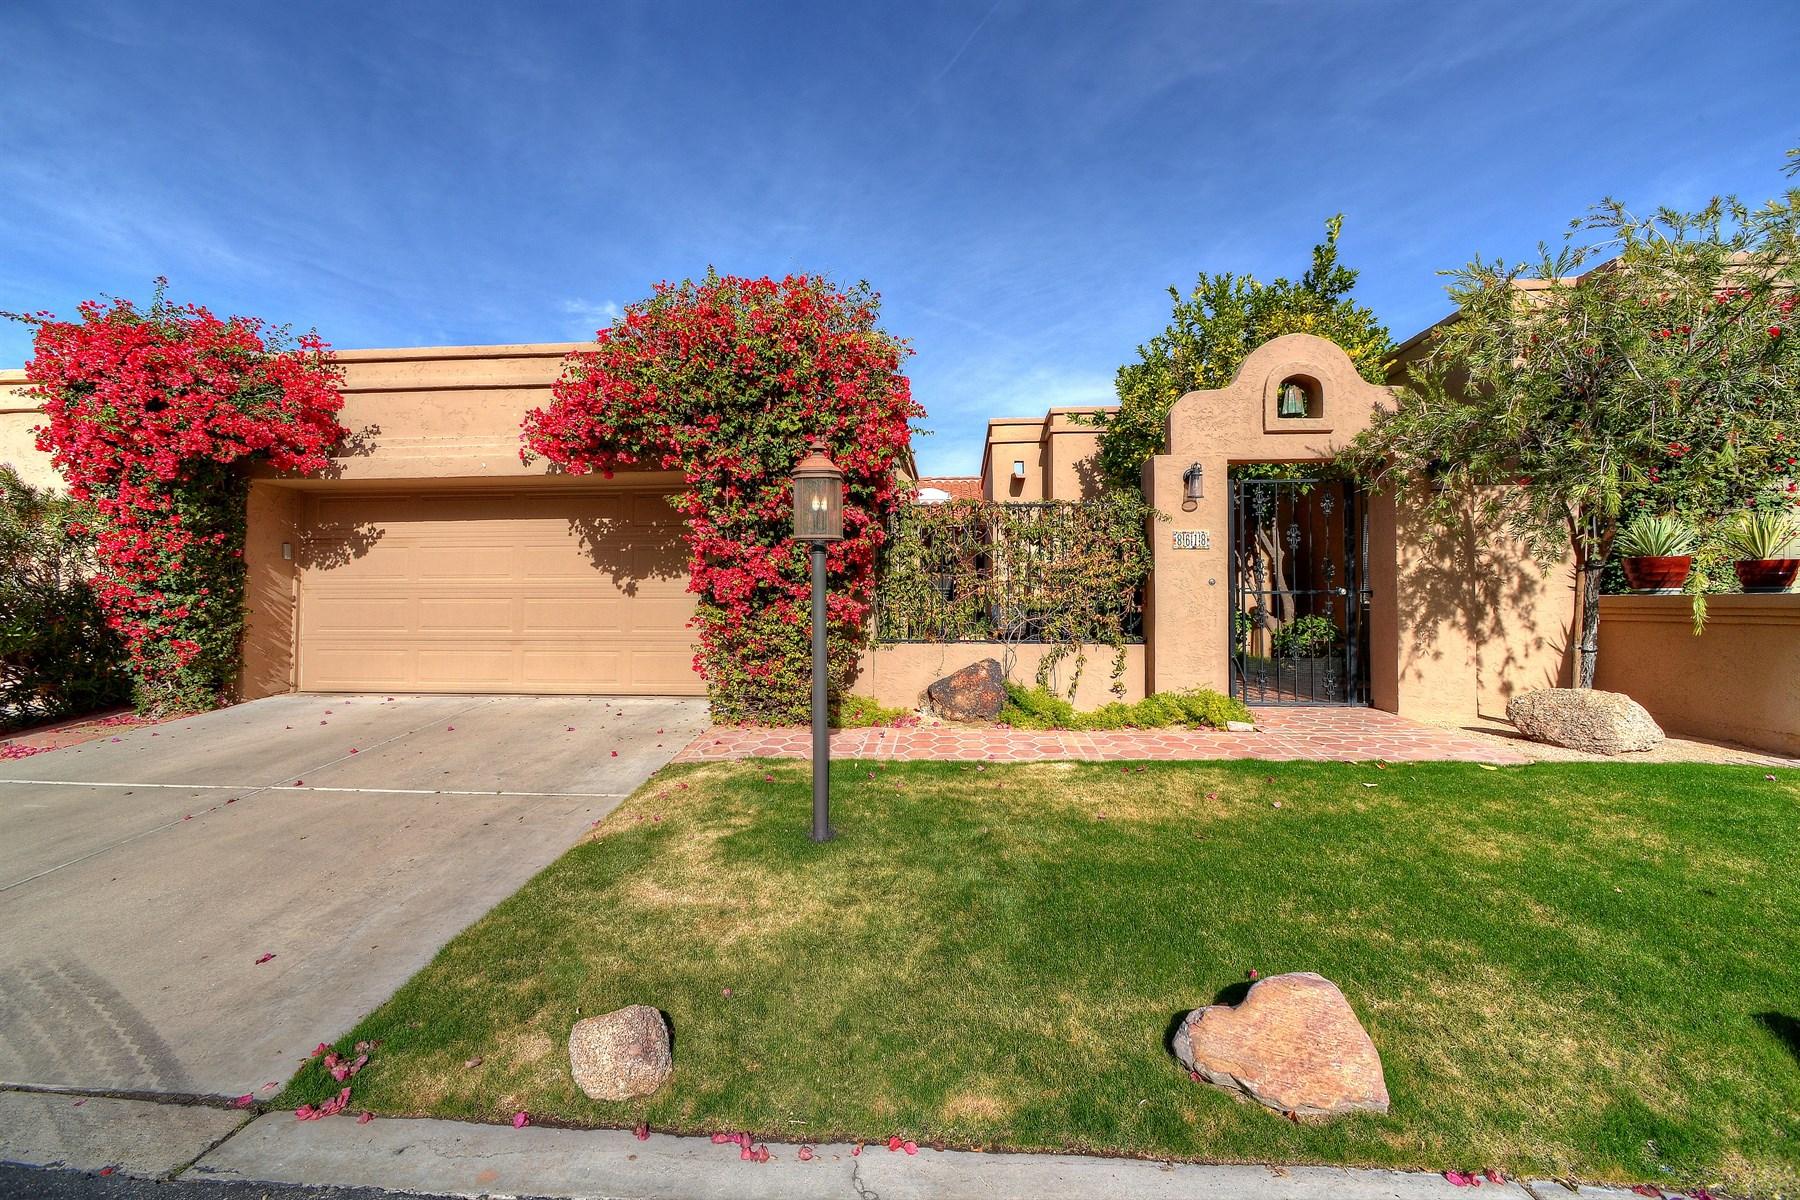 Maison unifamiliale pour l Vente à Absolutely beautiful Patio home in the charming community of La Vida 8618 E VISTA DEL LAGO Scottsdale, Arizona, 85255 États-Unis